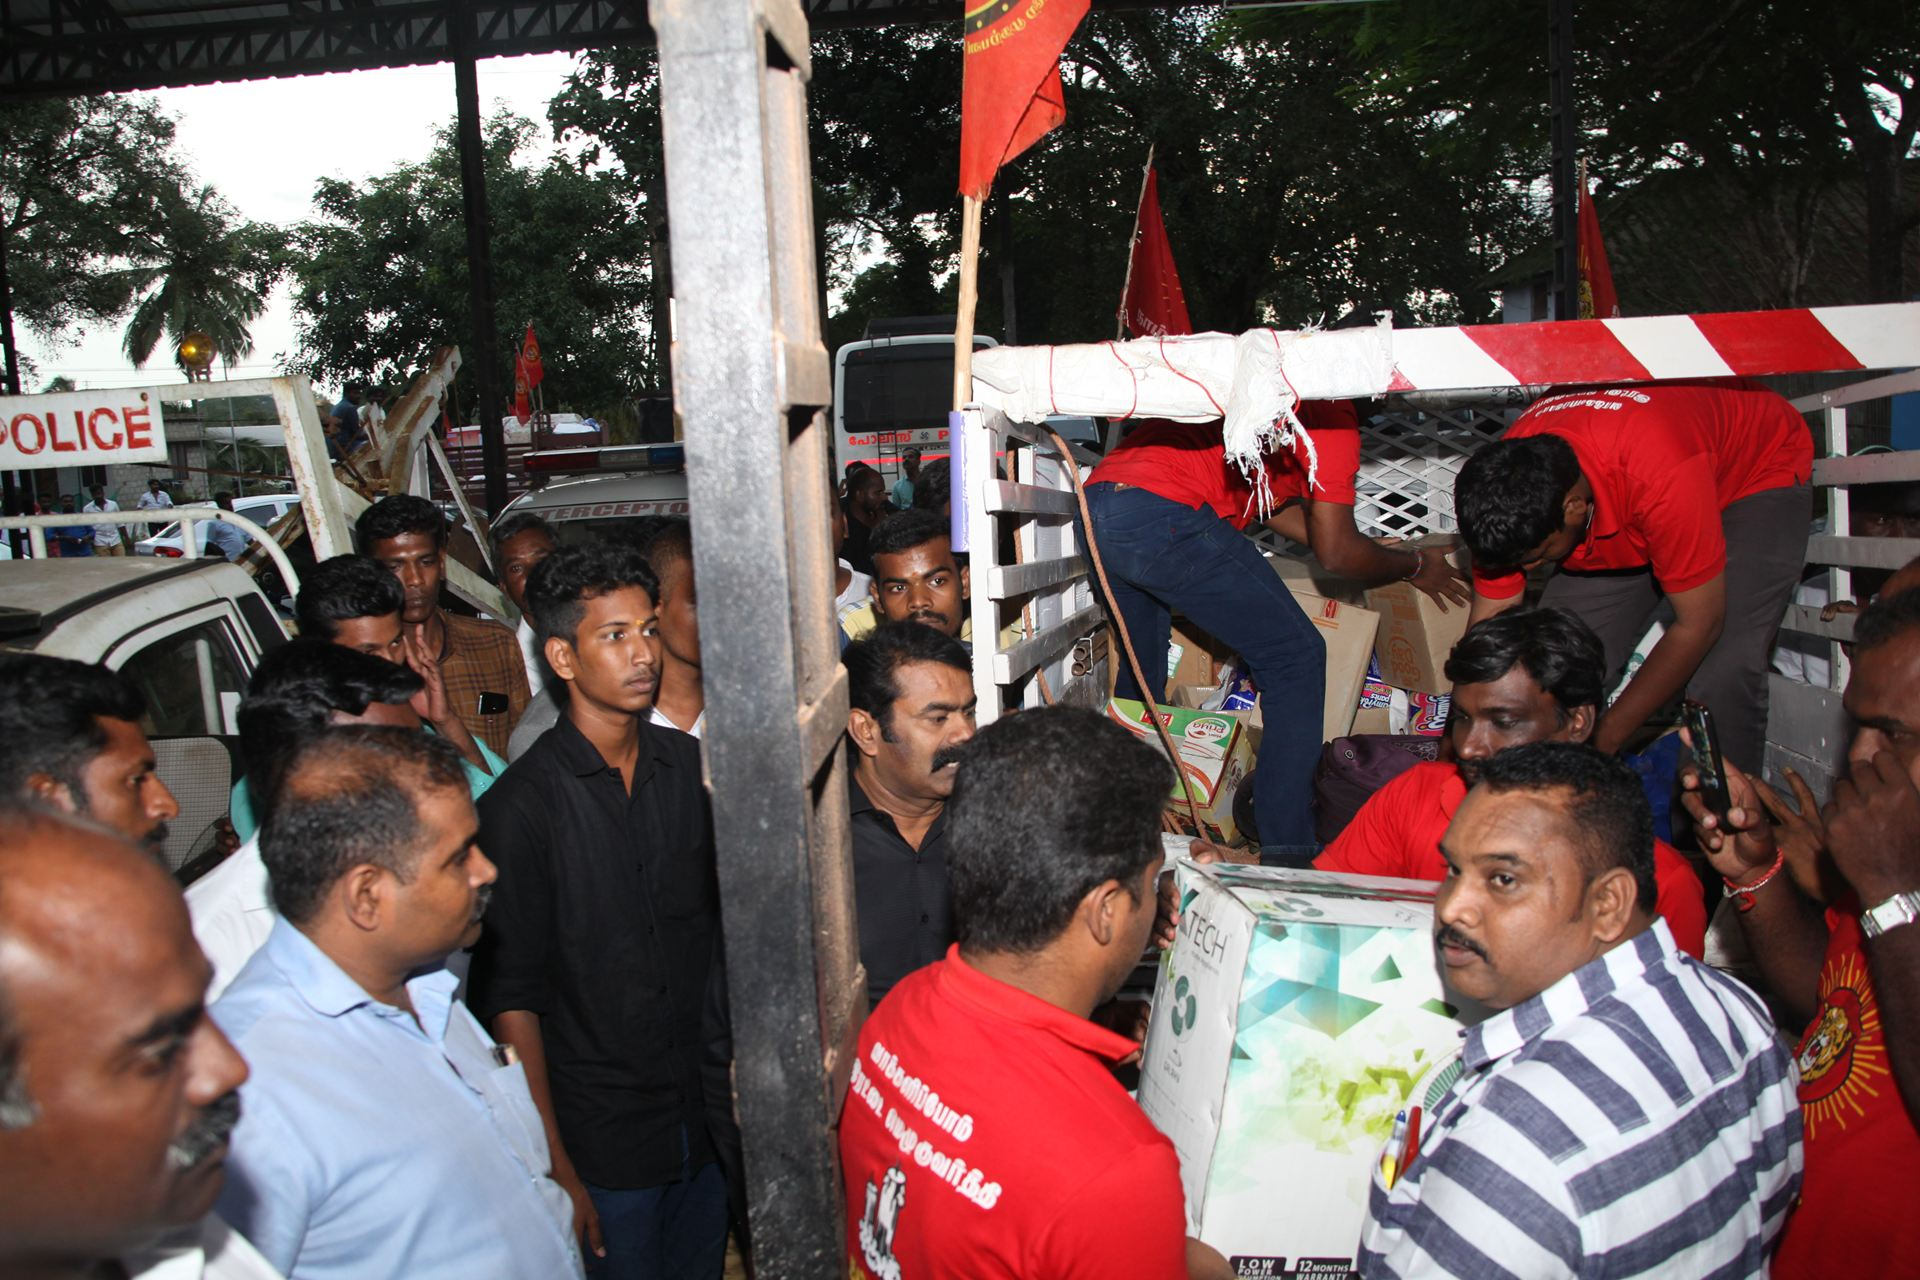 வெள்ள நிவாரணப் பொருட்களை வழங்கச் சென்ற சீமானிடம் கேரள காவல்துறையினர் விசாரணை naam tamilar katchi seeman visits kerala flood affected area flood relief campaign kottayam sanganasery camp 2